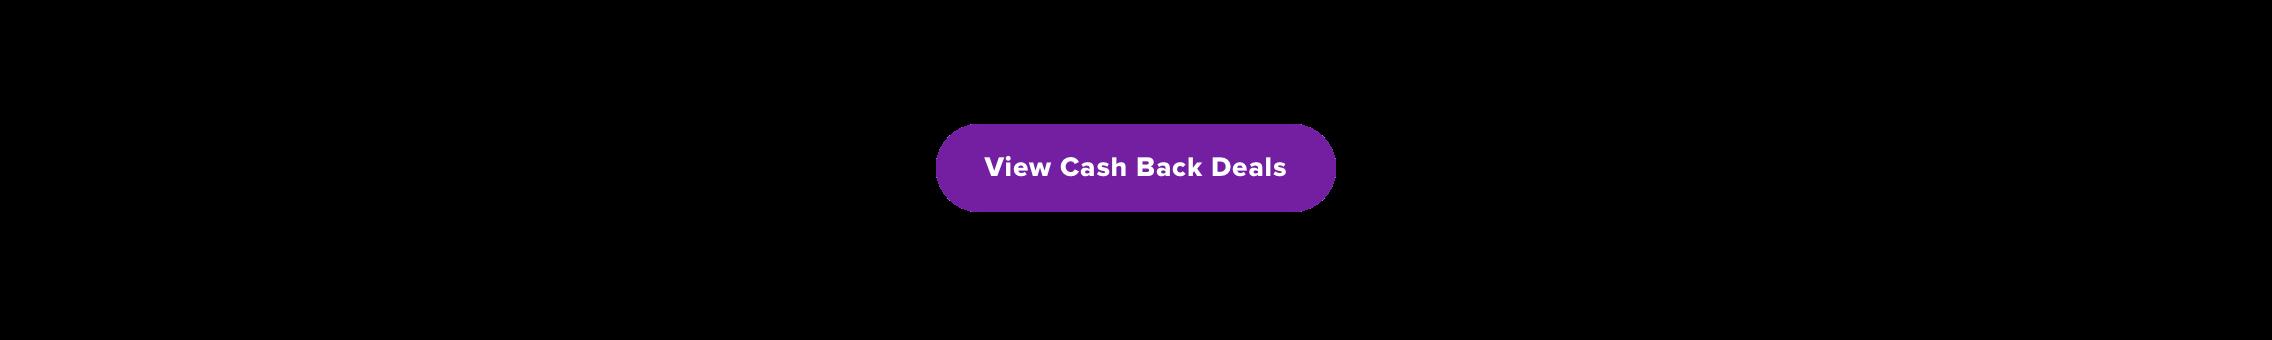 View Cash Back Deals